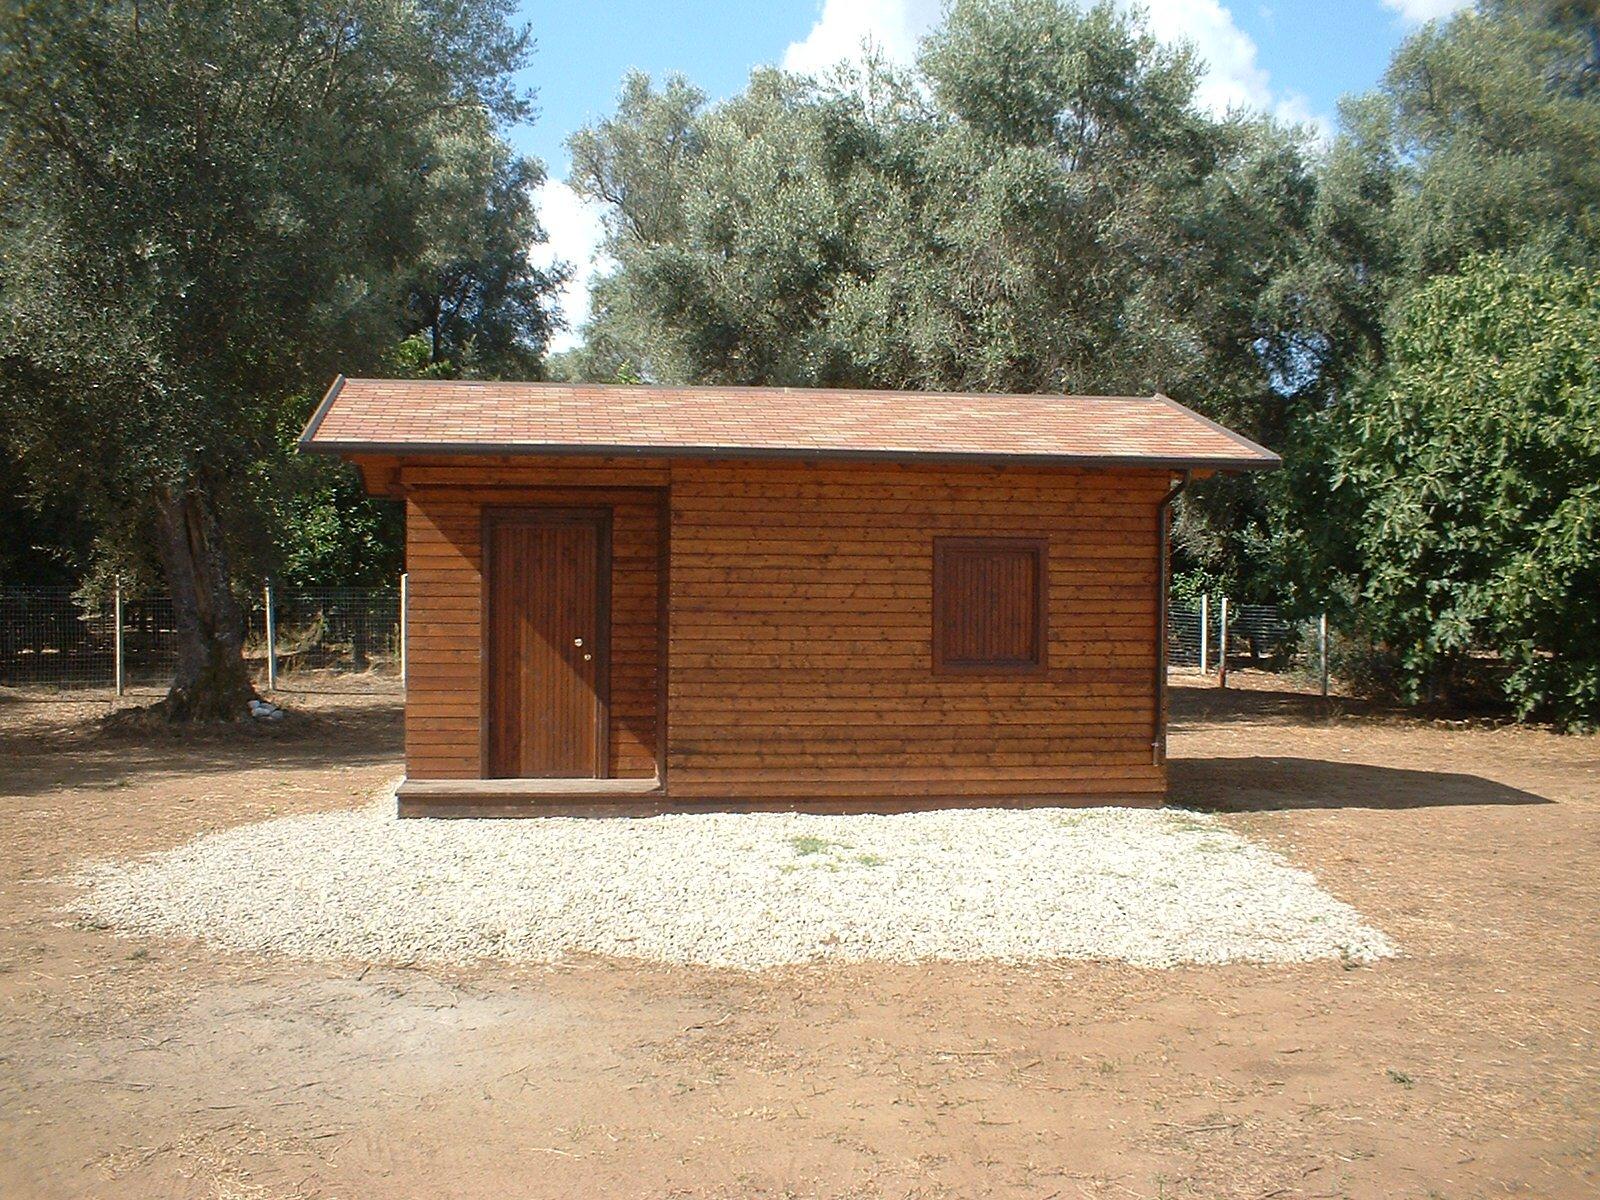 Casette legno realizzazione di casette in legno for Casette in legno abitabili arredate